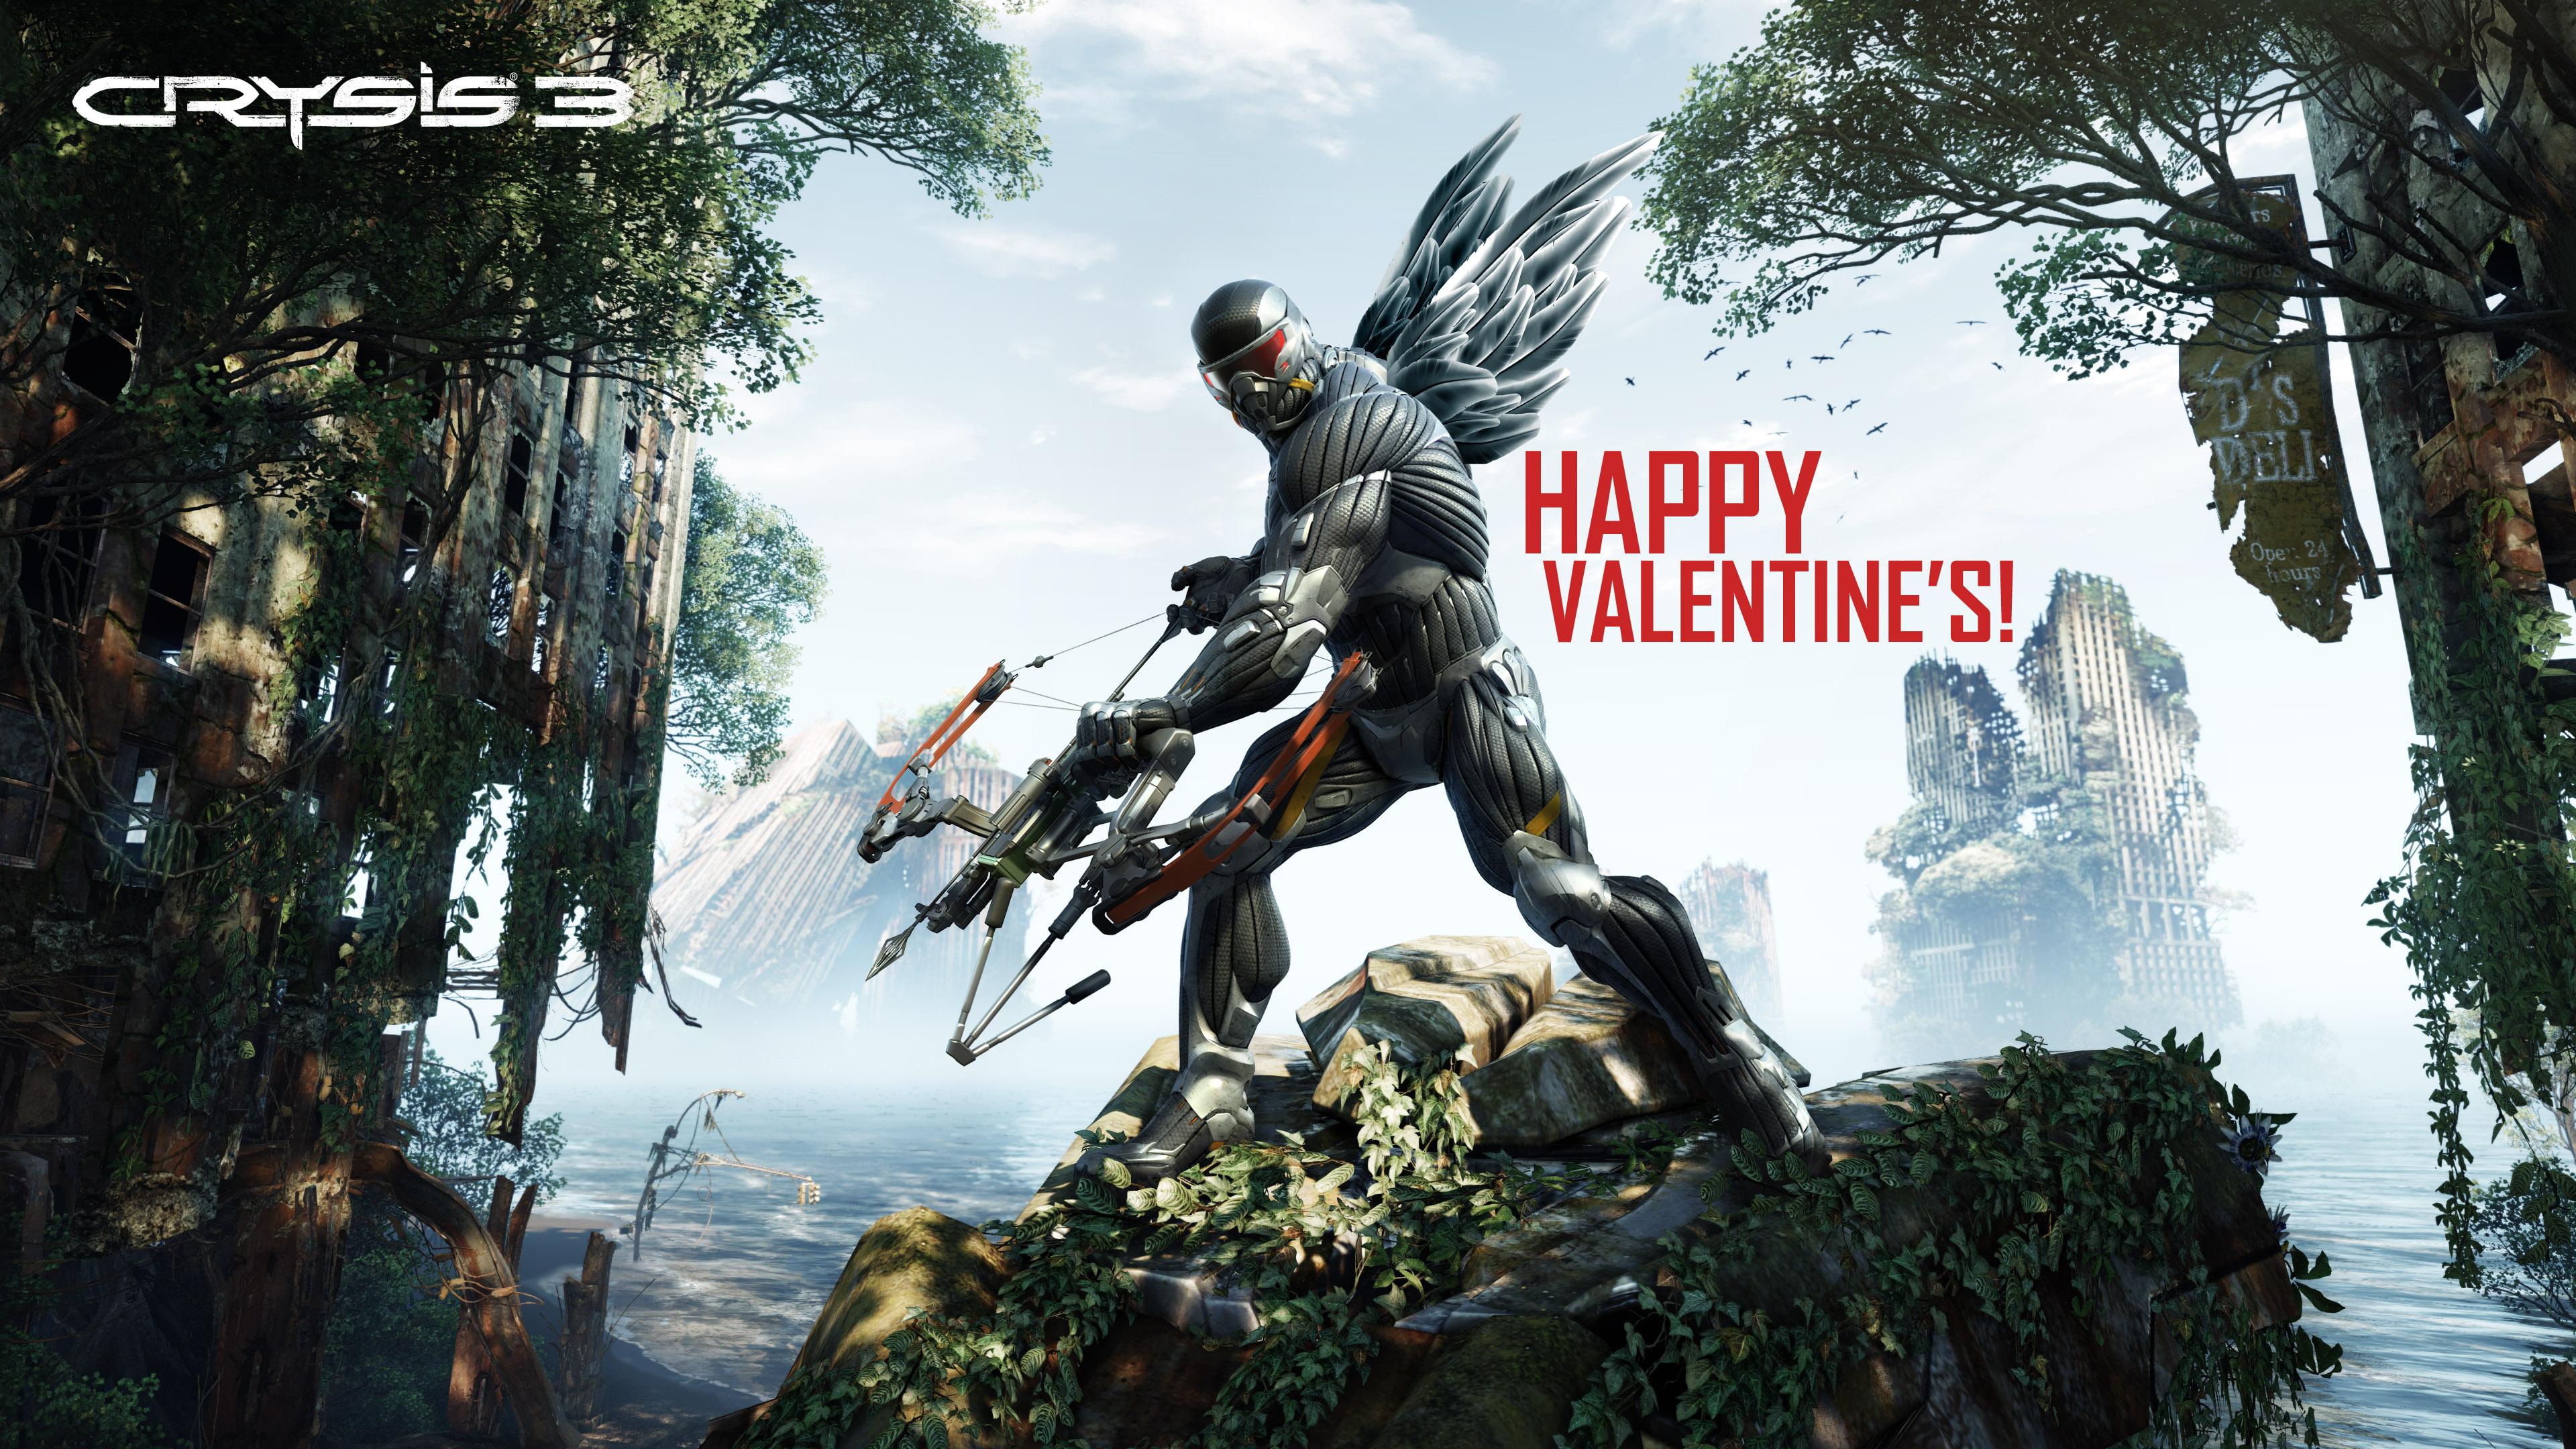 Crysis 3 Valentine Game Neuerscheinungen und Angebote für PS3 KW 08/13